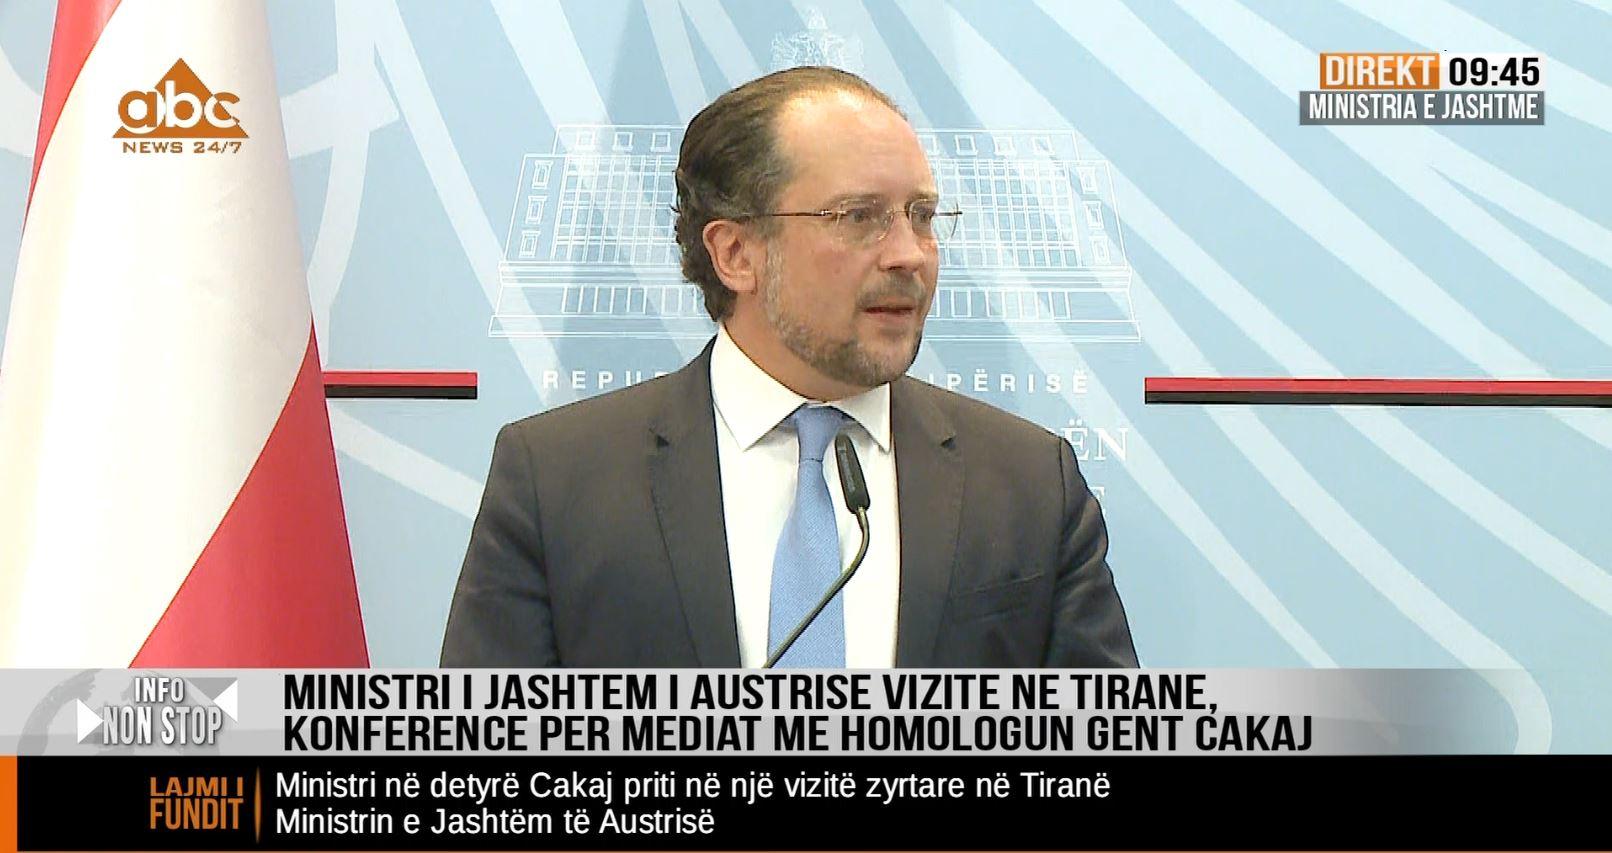 Negociatat | Ministri i jashtëm austriak: Pozicioni i Austrisë është i qartë